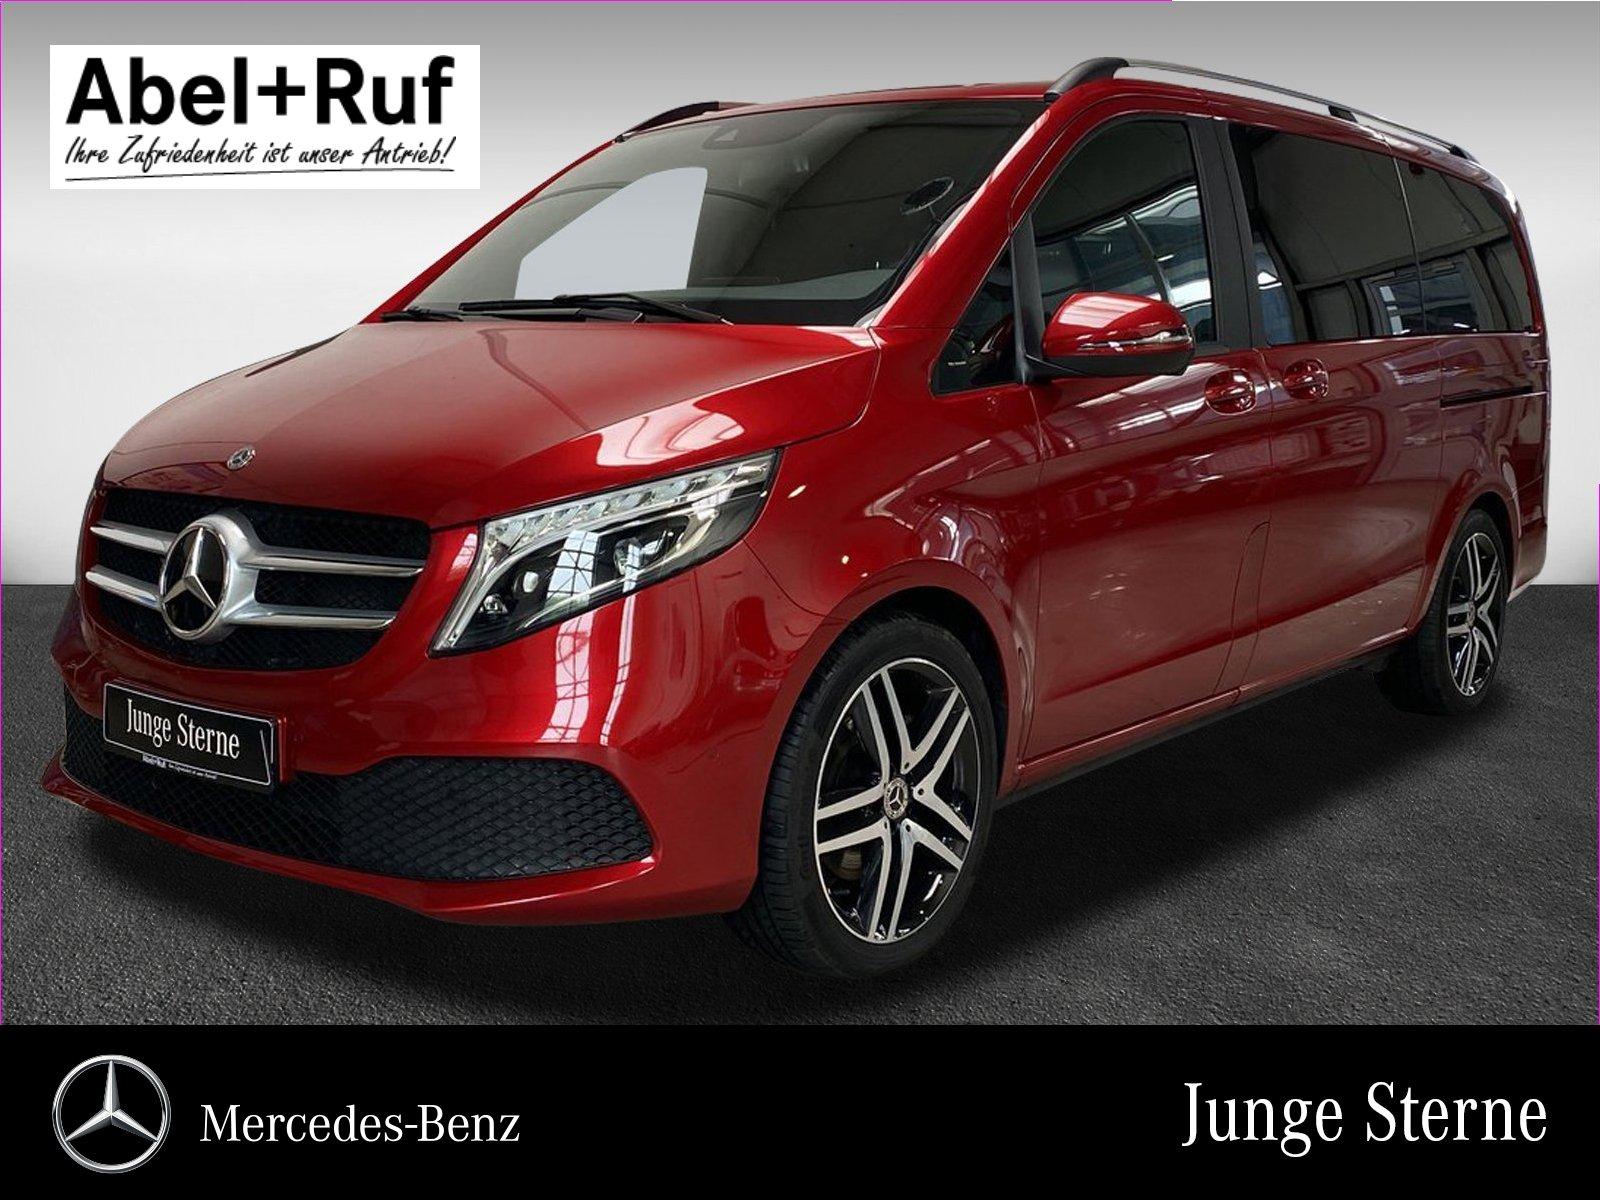 Mercedes-Benz V 300 d EDITION Lang+Comand+Distr+LED ILS+Kamera, Jahr 2019, Diesel